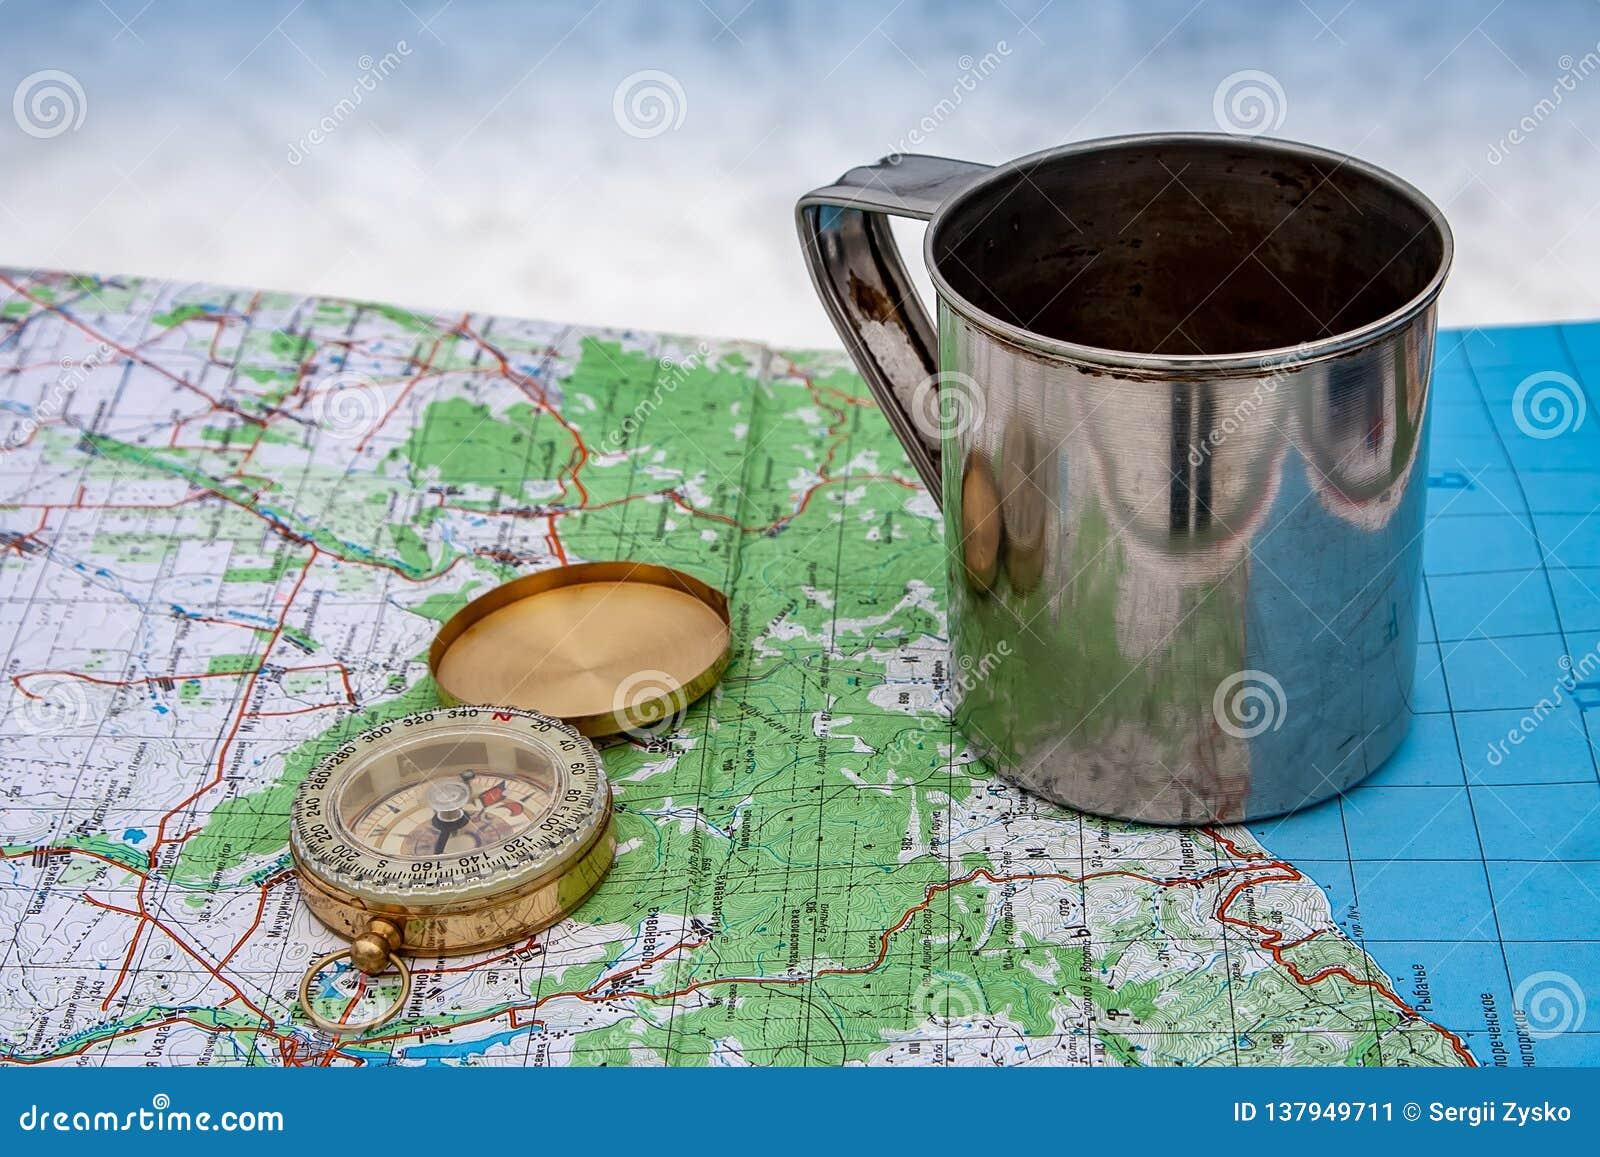 Компас, чашка и туристская карта Украины outdoors